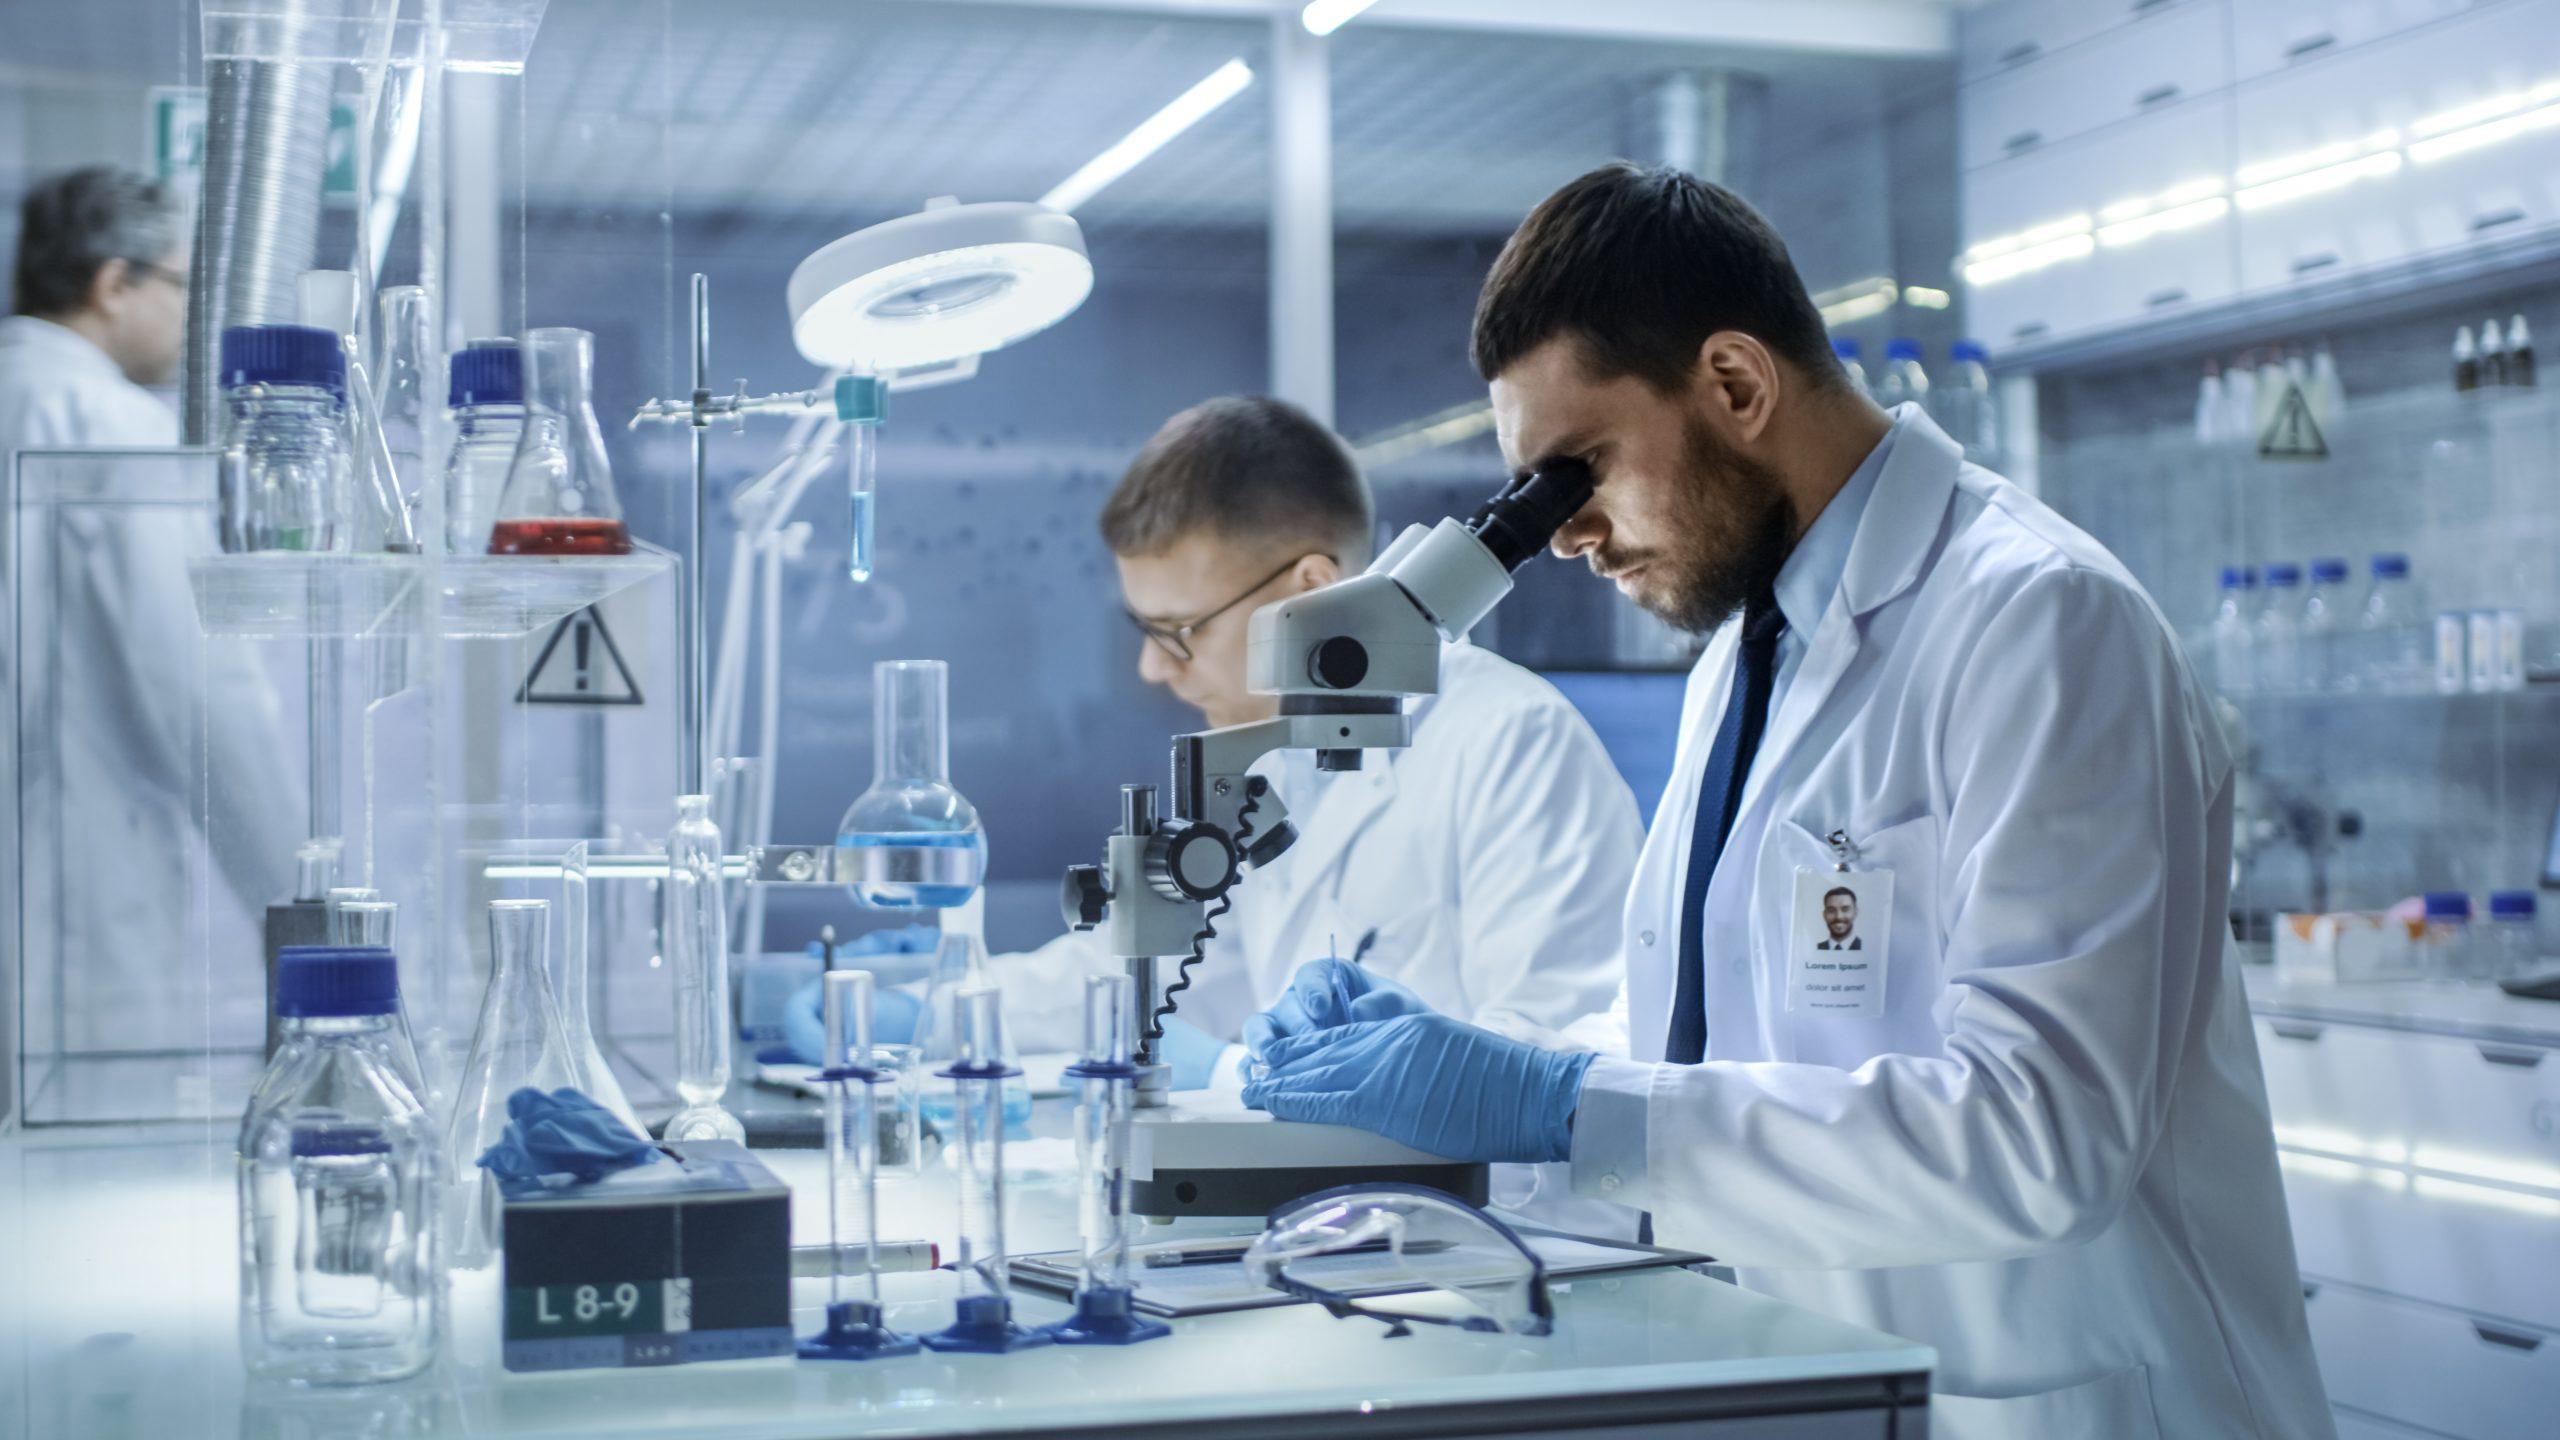 Lideranças da saúde debatem estratégias de enfrentamento ao novo coronavírus em webinar promovido pelo FIS